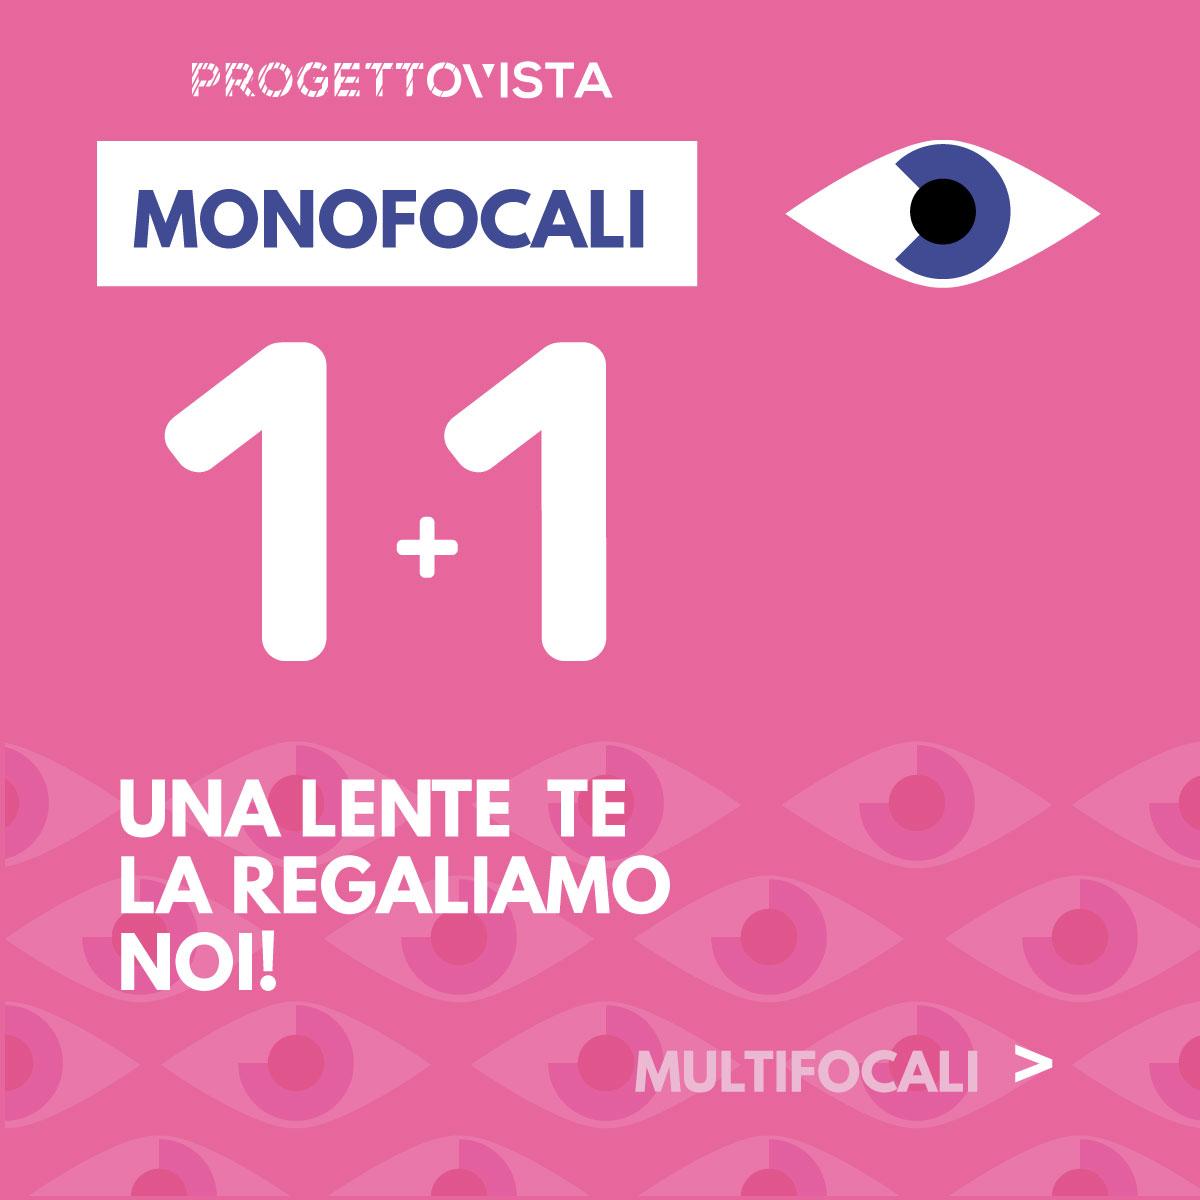 covid 19 - Occhiale Completo centro ottico progettovista idee per i tuoi occhi